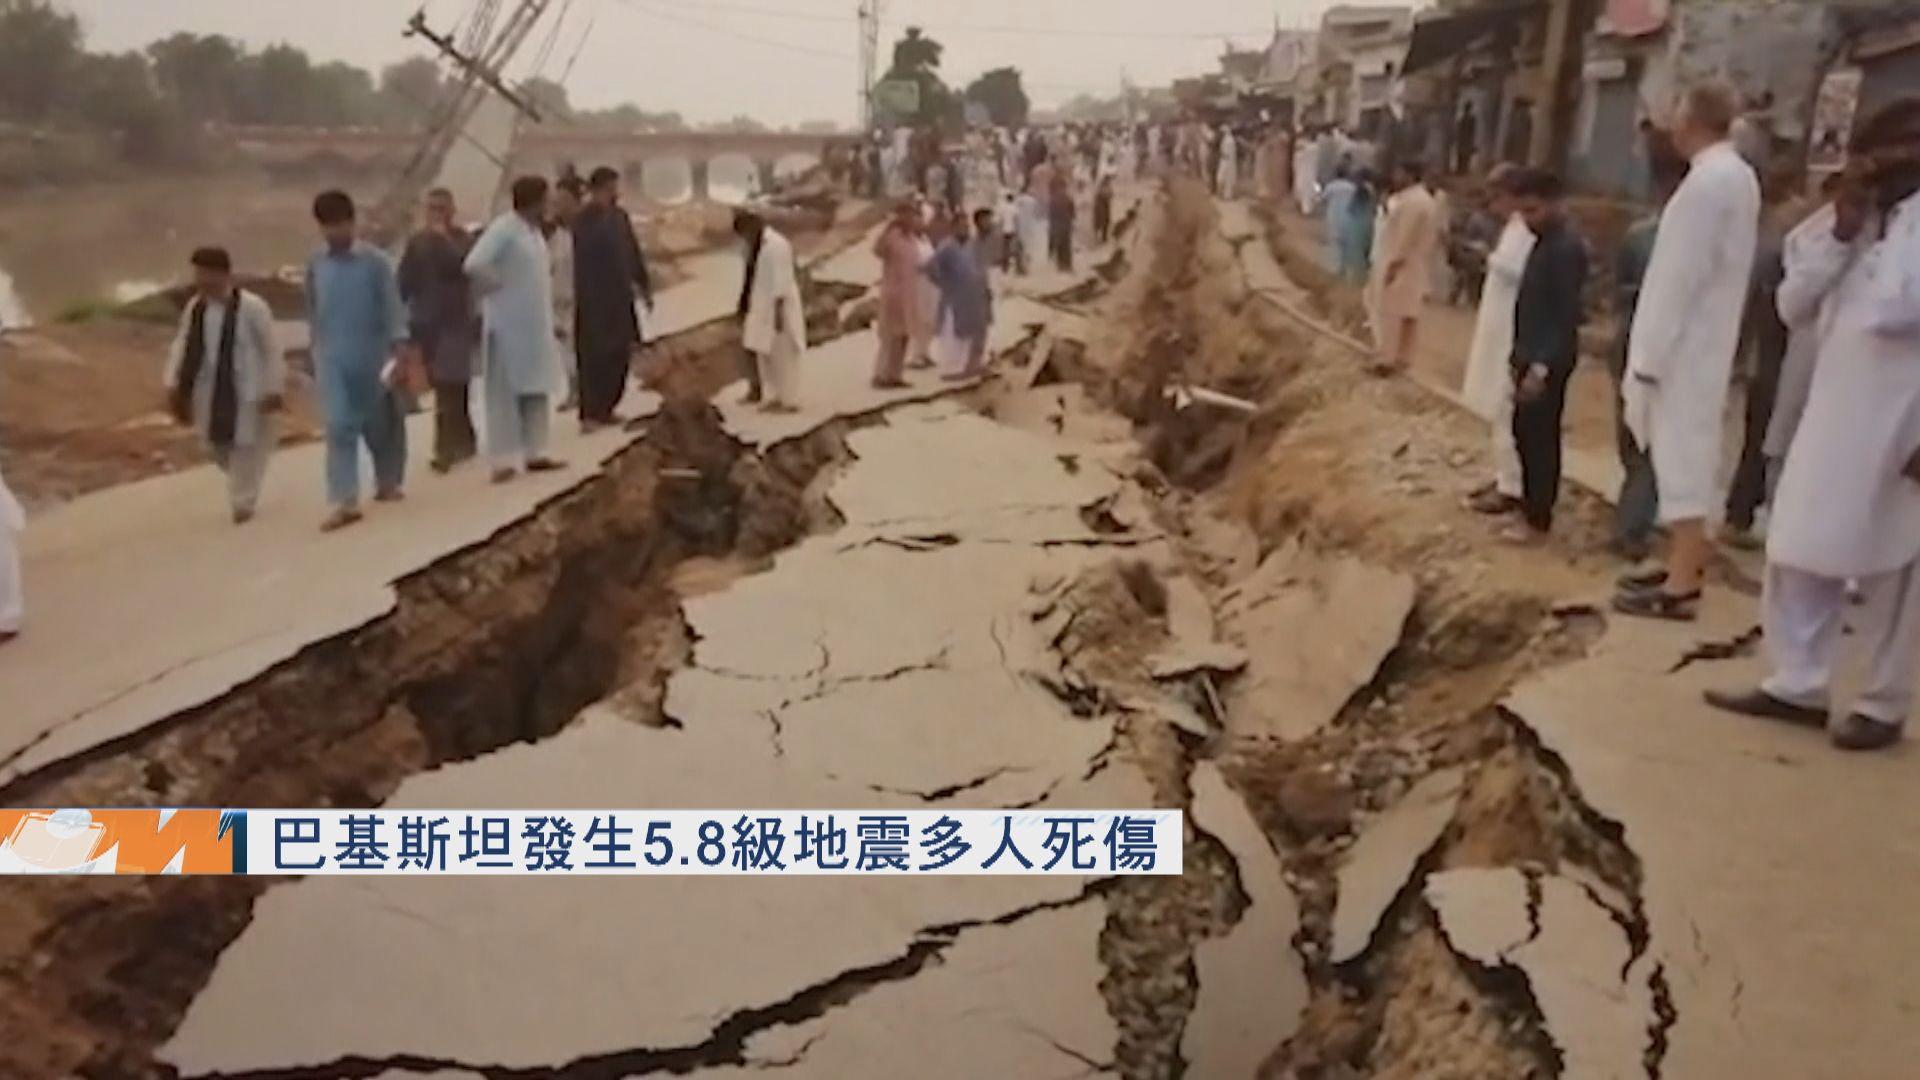 巴基斯坦發生5.8級地震 最少22人死